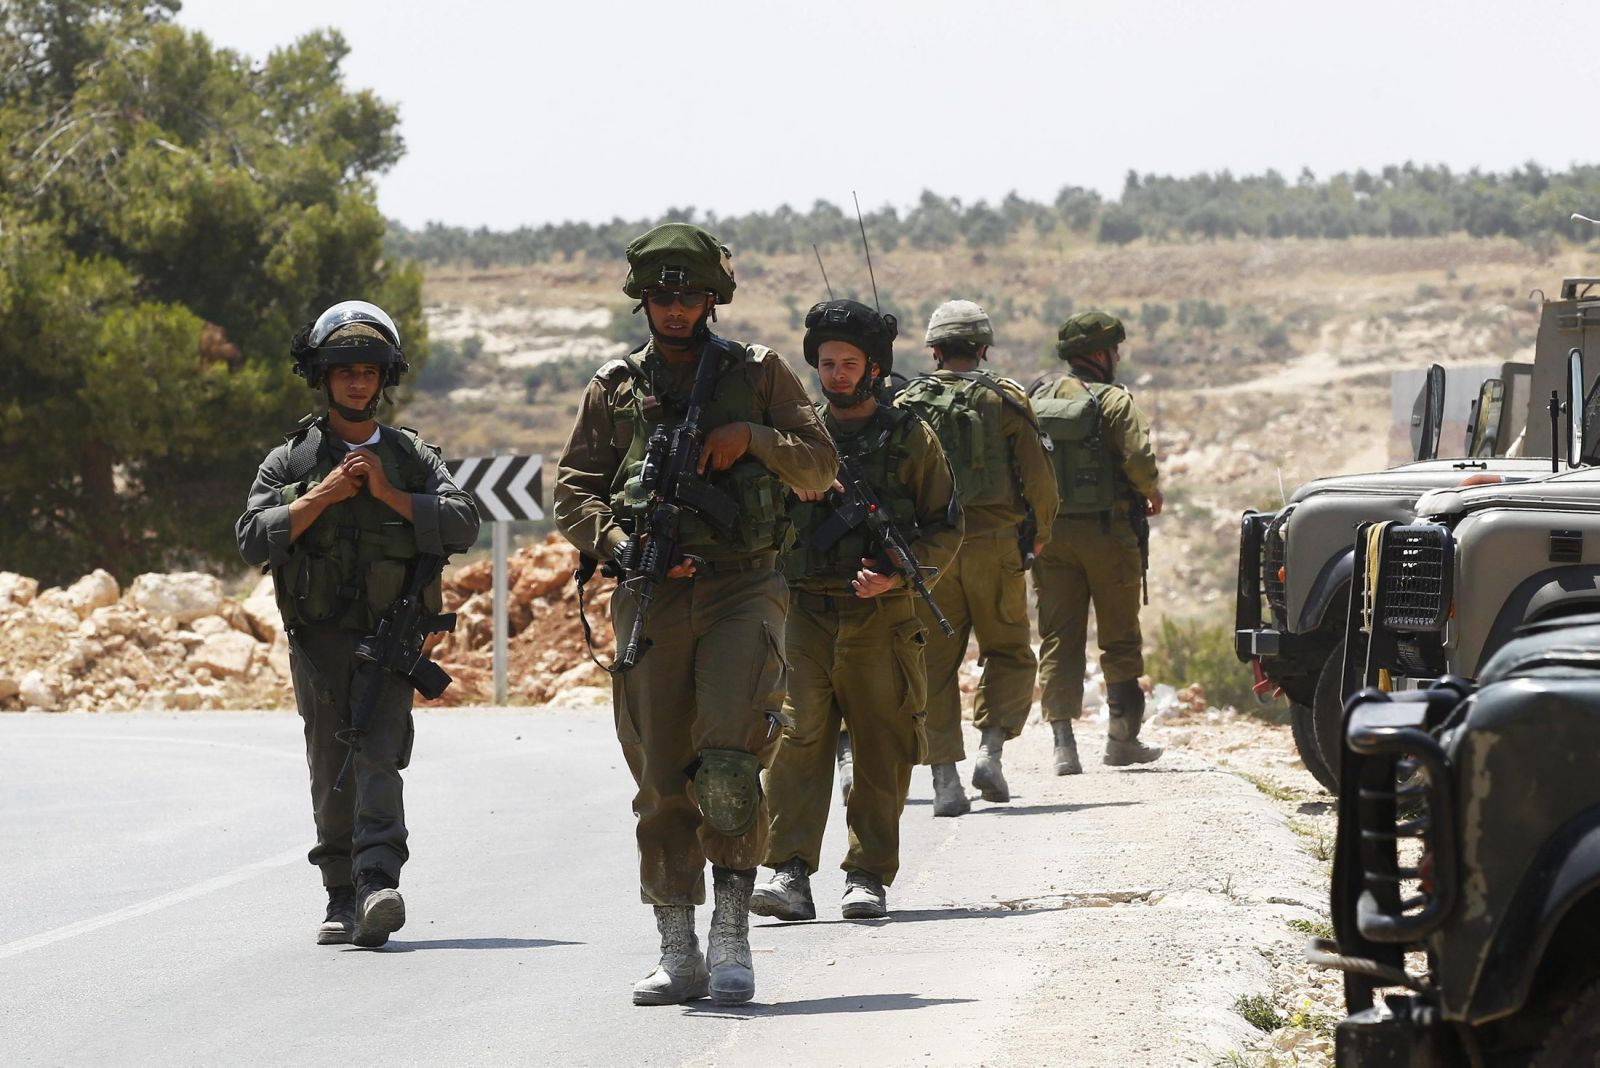 رسالة بمقتل الجنود الأسرى عبر هواتف جنود إسرائيل